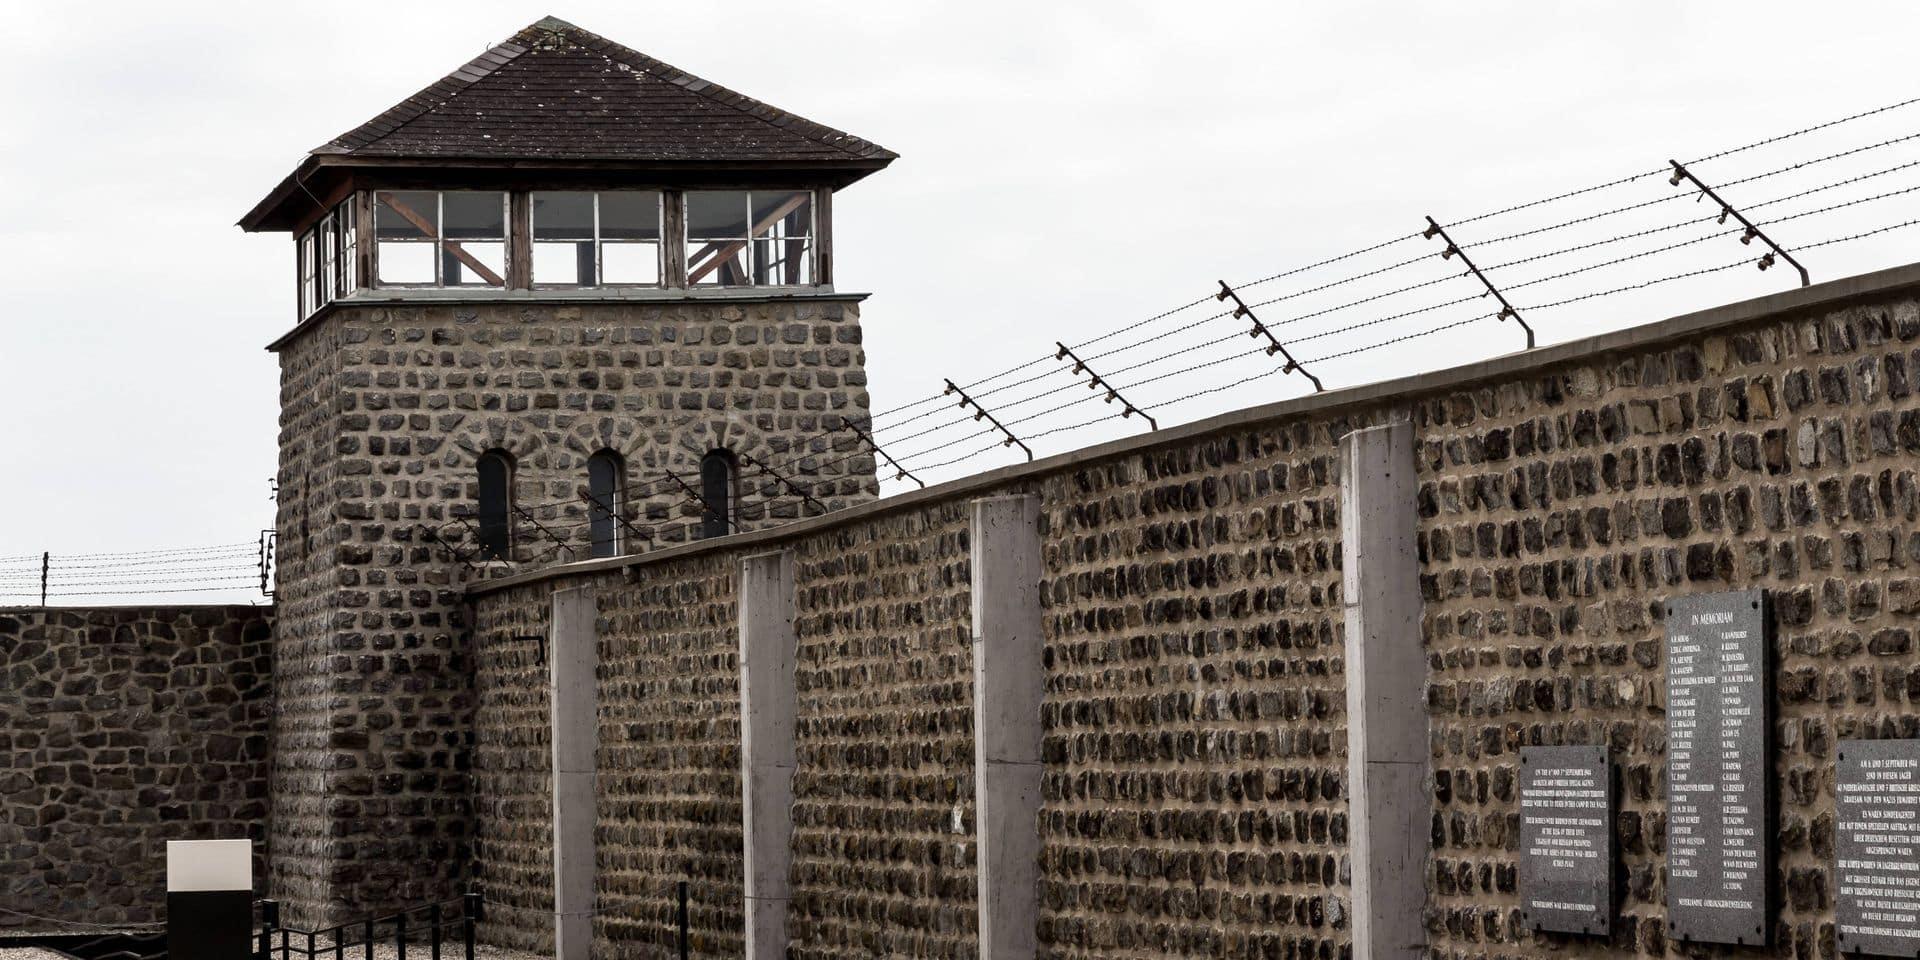 Das Konzentrationslager Mauthausen in Österreich KZ der Stufe III von 1938 bis 1945